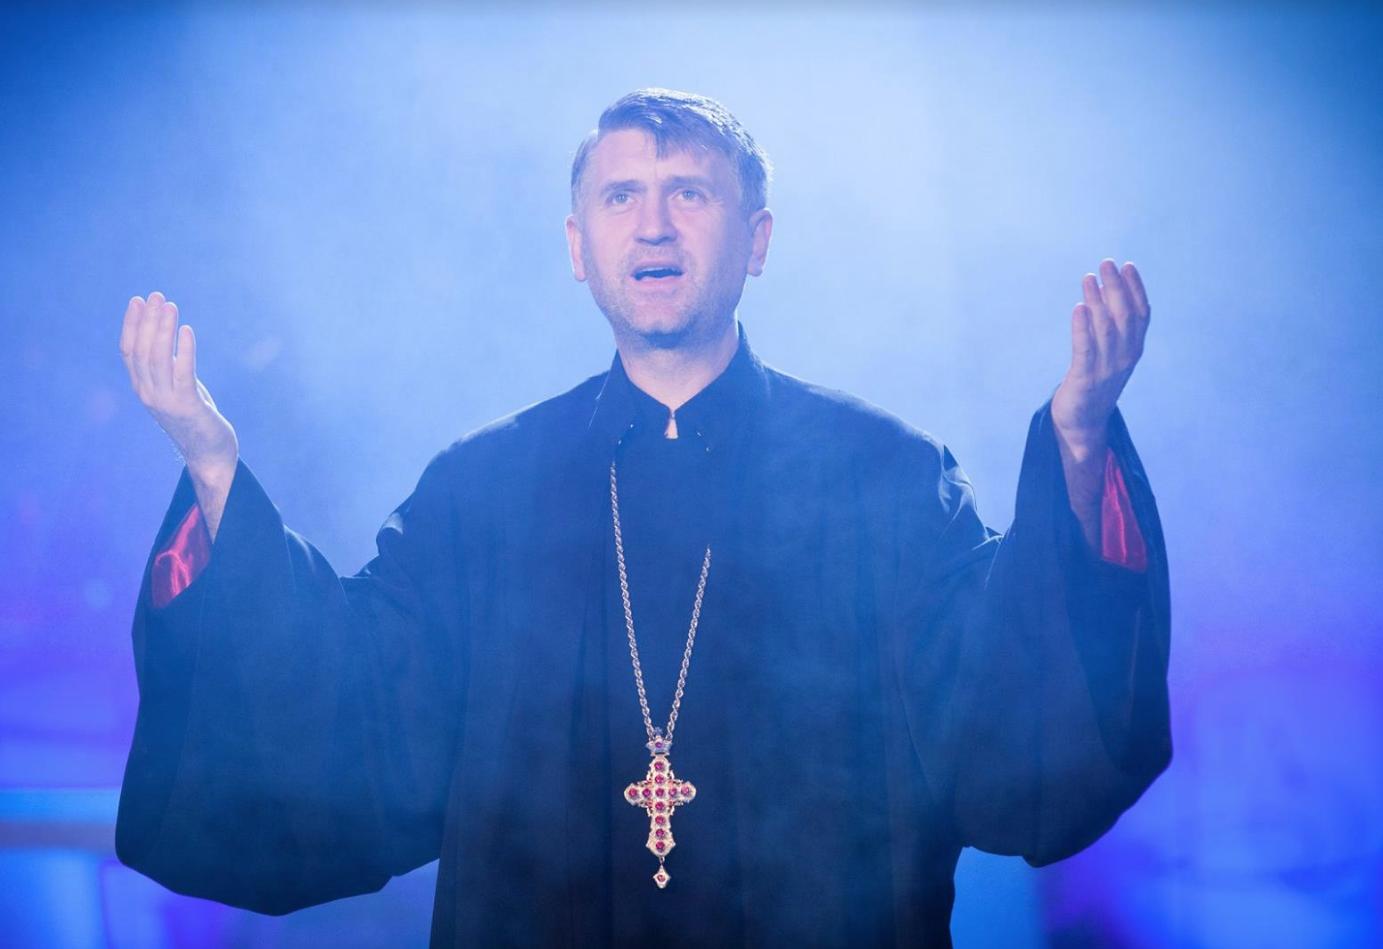 ȘOCANT – Preotul ortodox Cristian Pomohaci, surprins într-o înregistrare în timp ce presează un minor să întrețină relații sexuale cu el! AUDIO